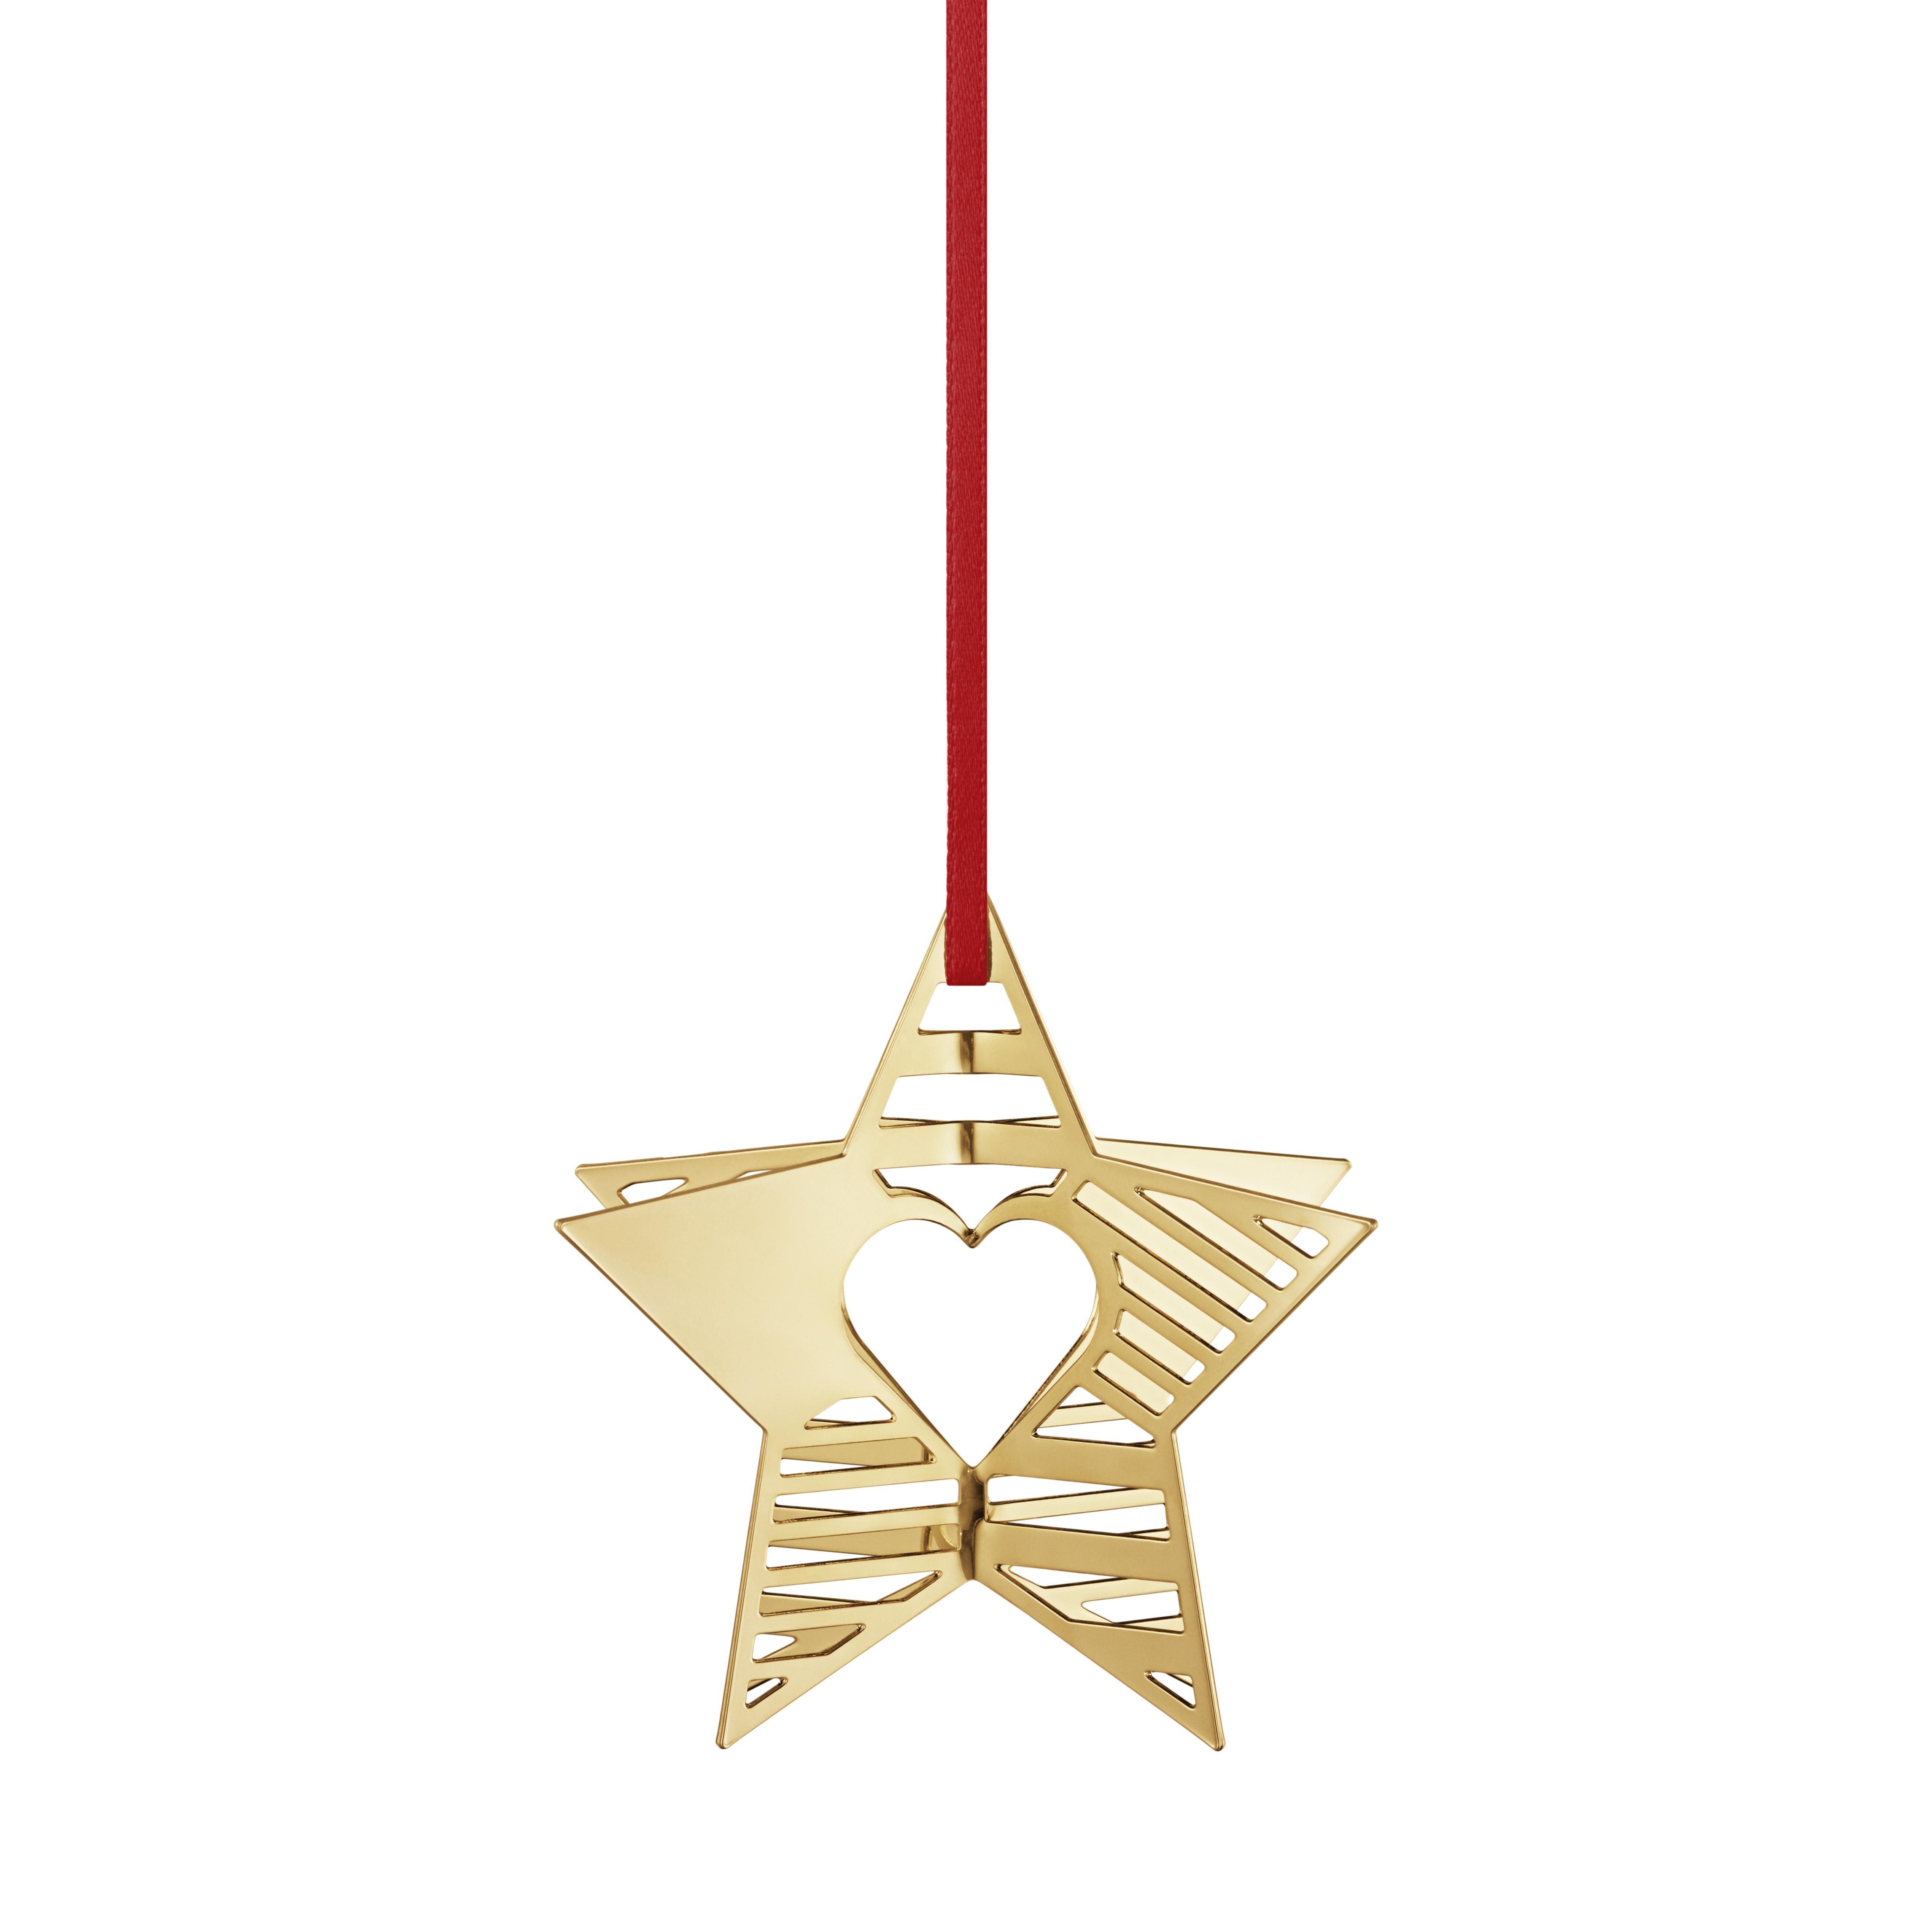 Image of Georg Jensen stjerne ornament - 10015295